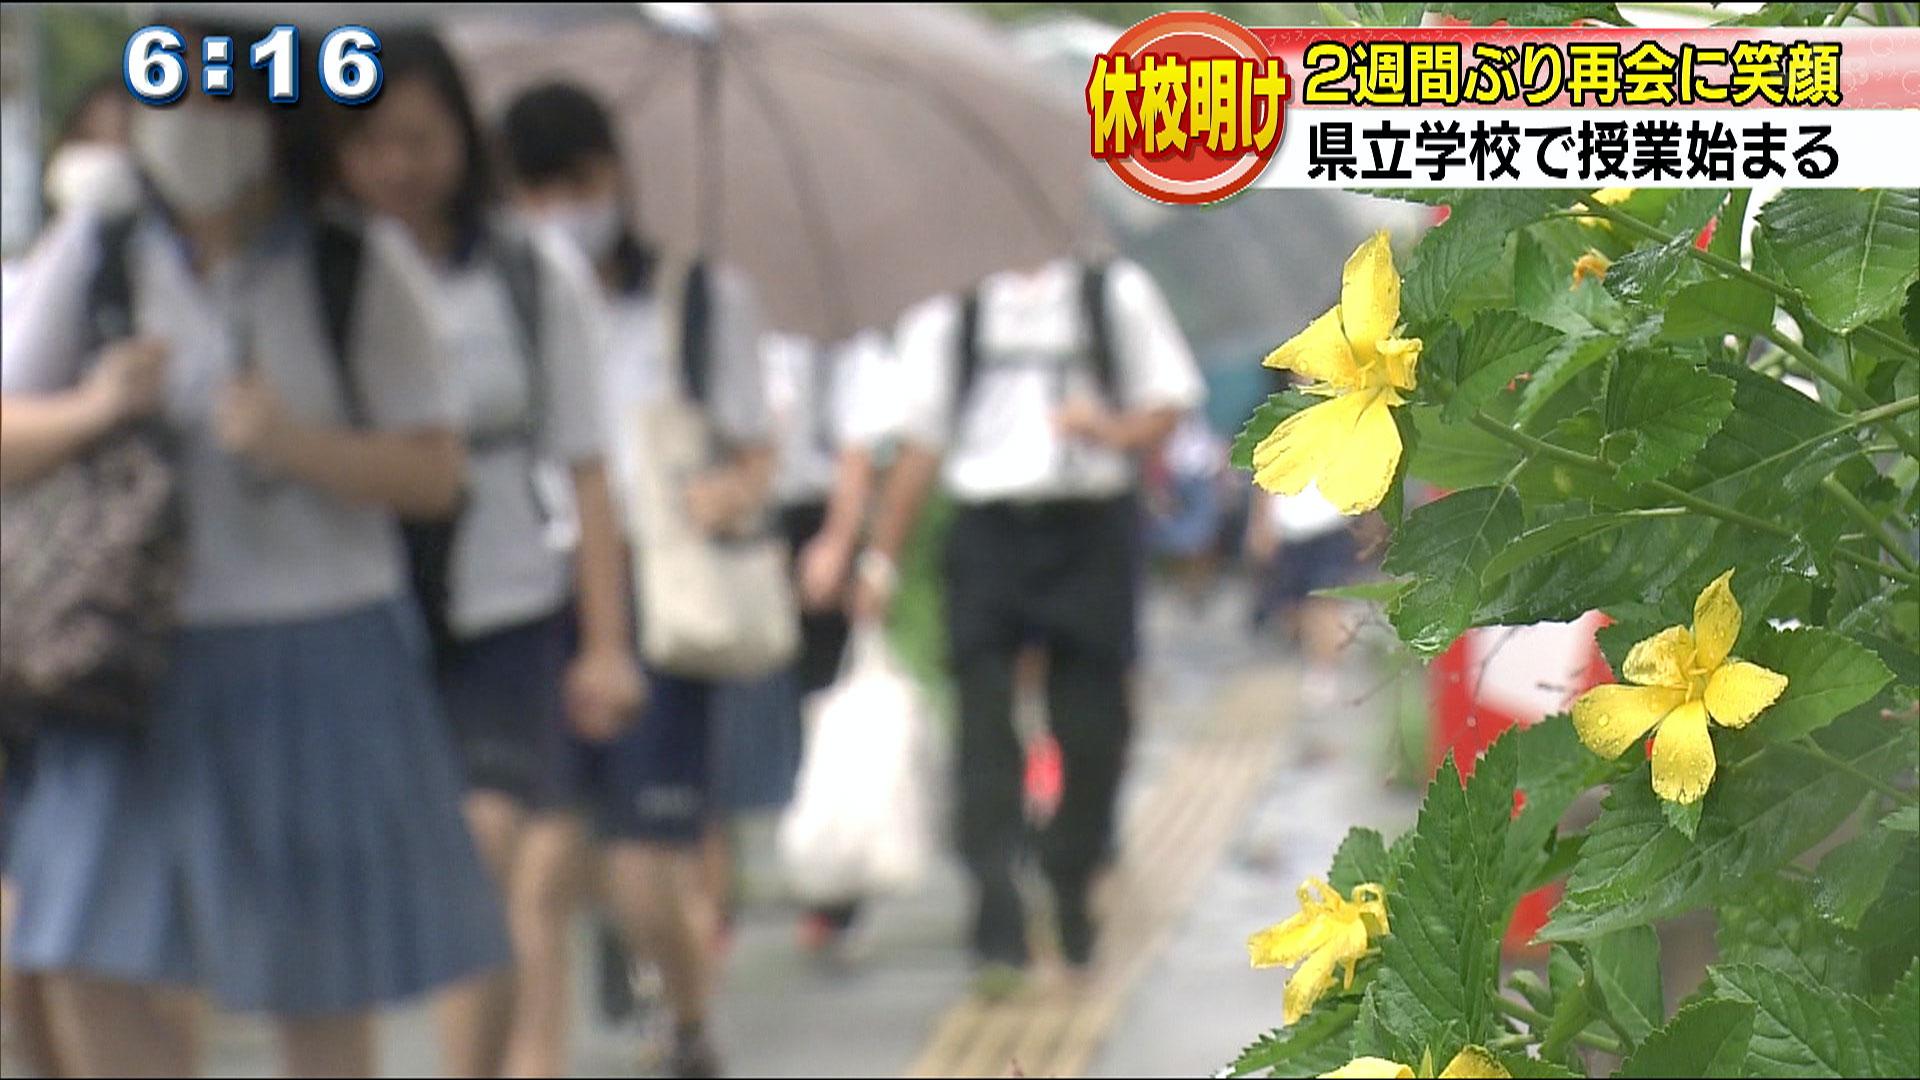 台風にも負けず登校 県立学校で授業始まる